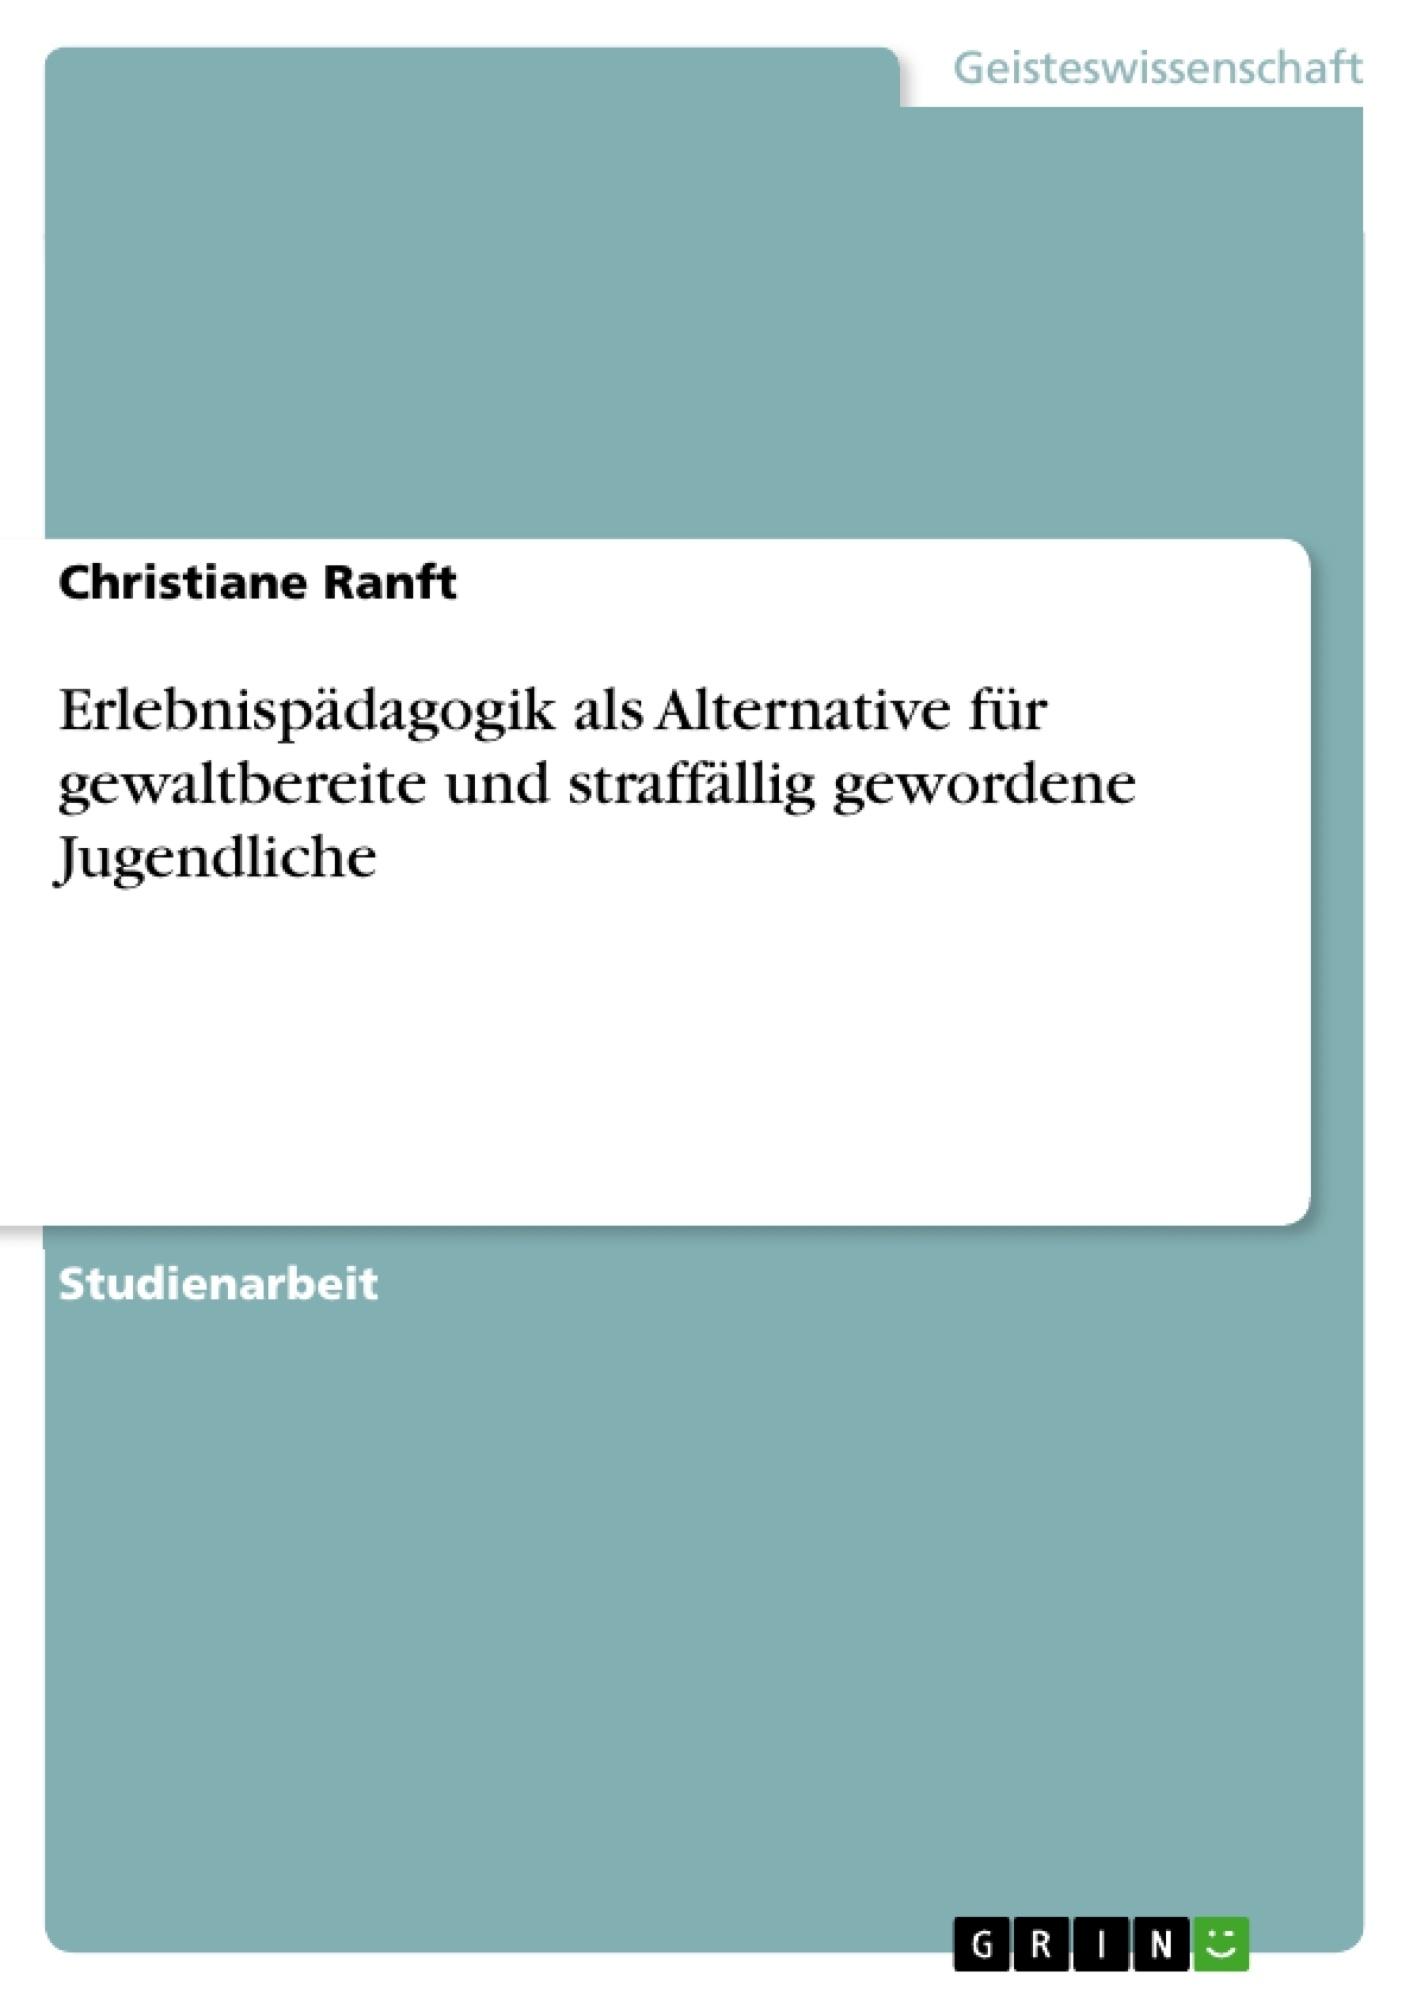 Titel: Erlebnispädagogik als Alternative für gewaltbereite und straffällig gewordene Jugendliche